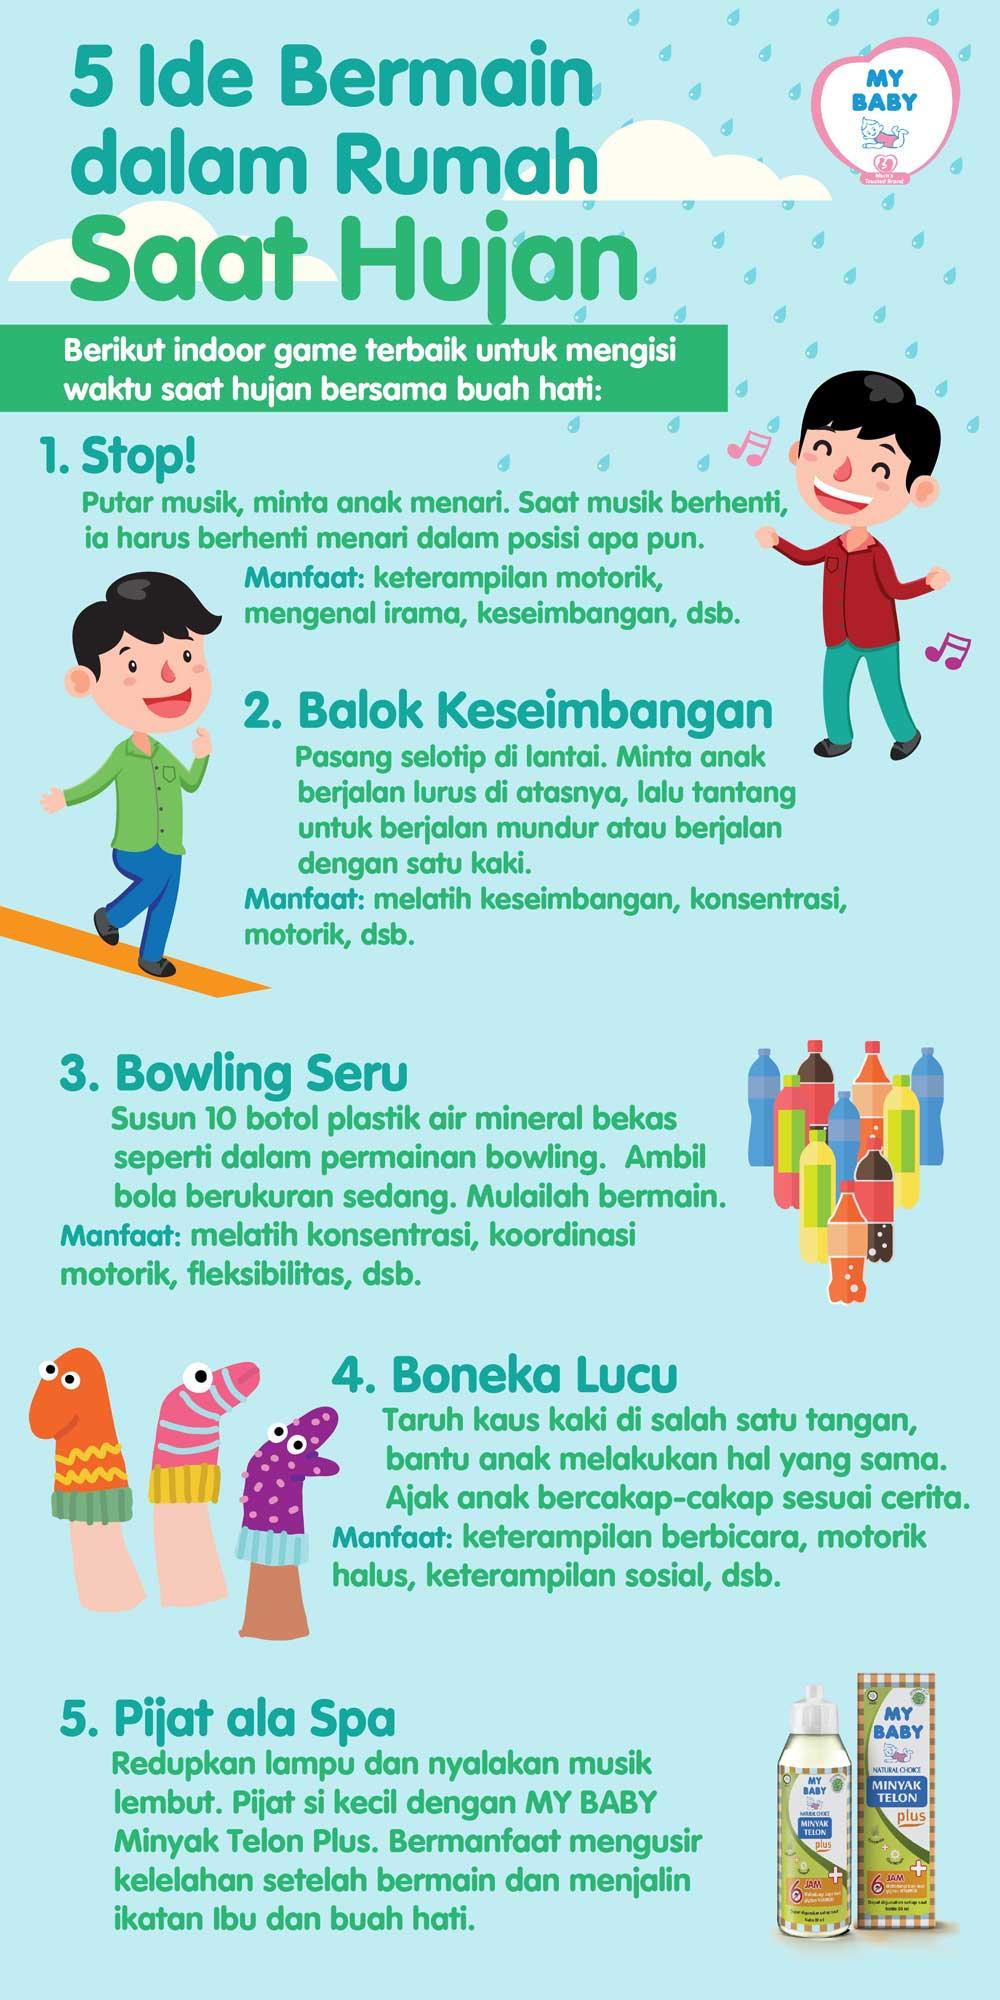 5 Ide Bermain Dalam Rumah Saat Hujan